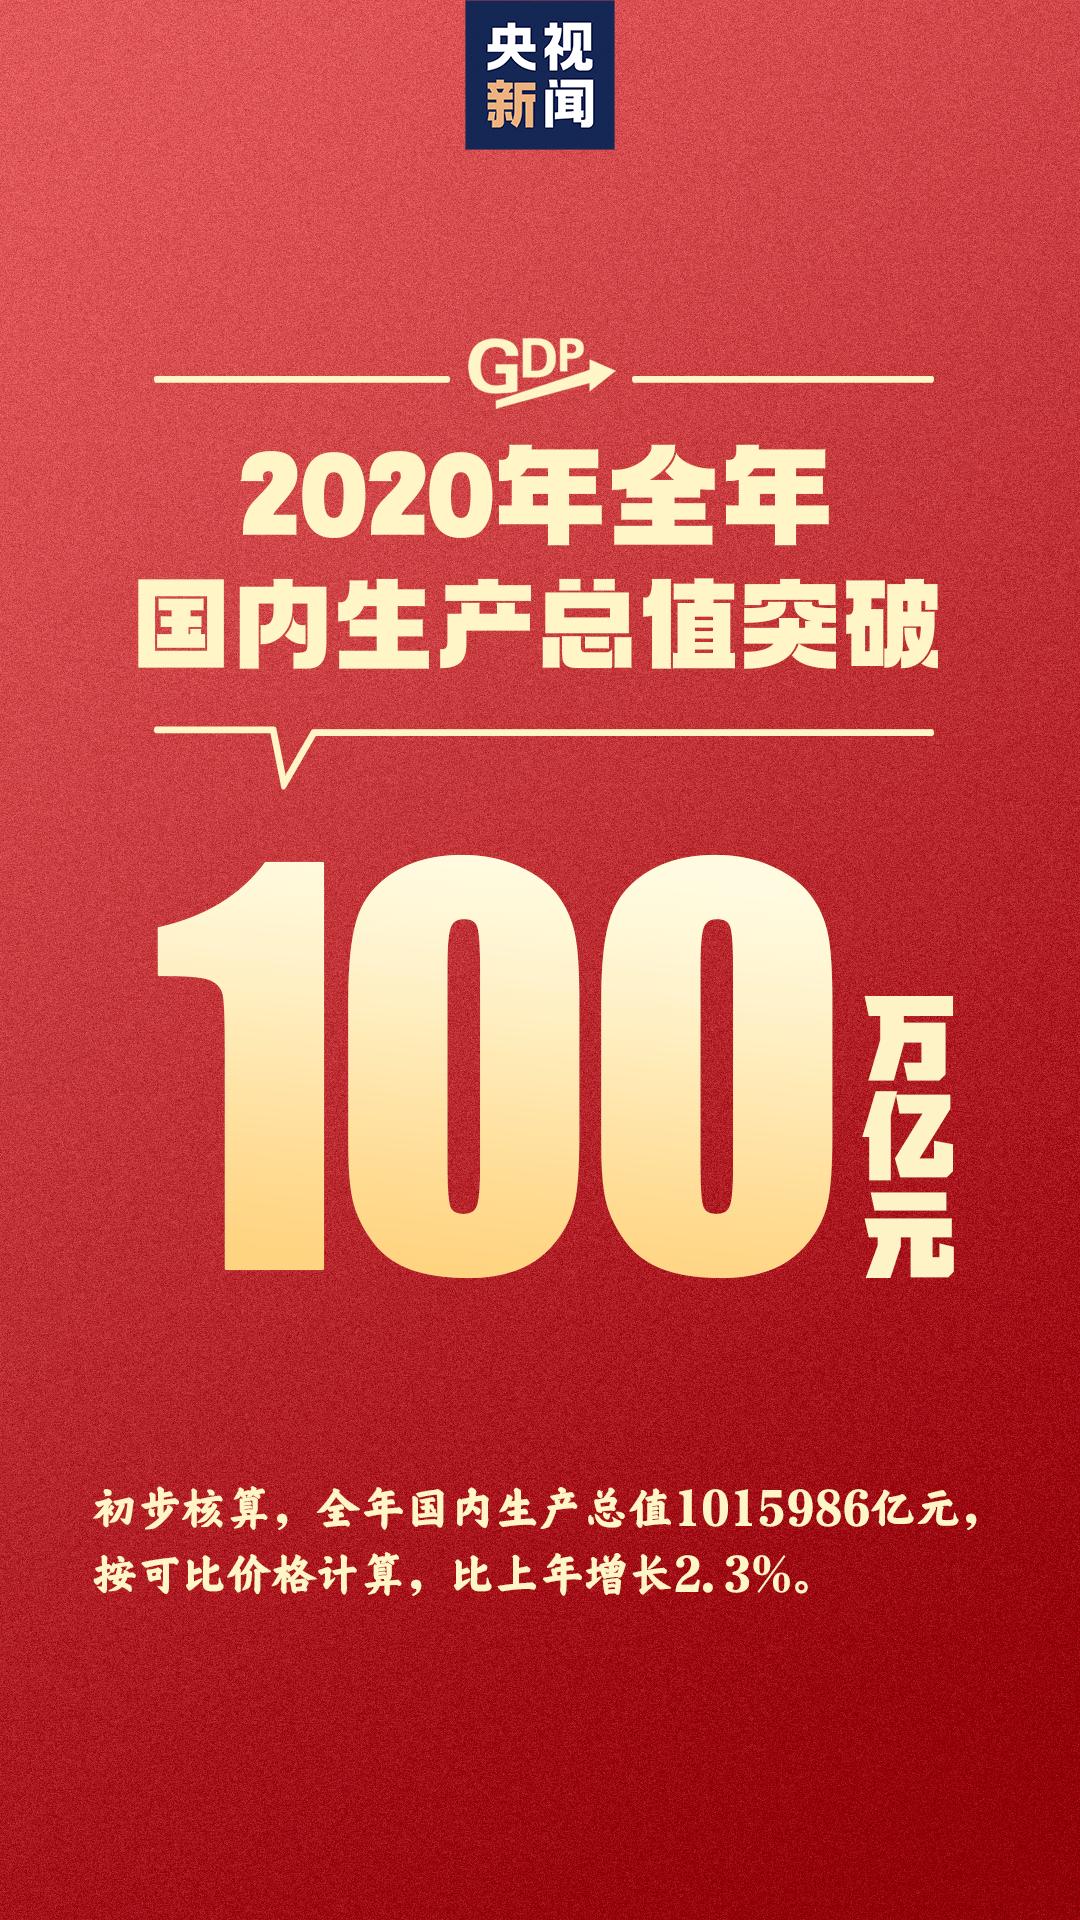 2020南京栖霞gdp_2020年中国GDP排名苏州第六 南京第十,南京都市圈获得国家支持